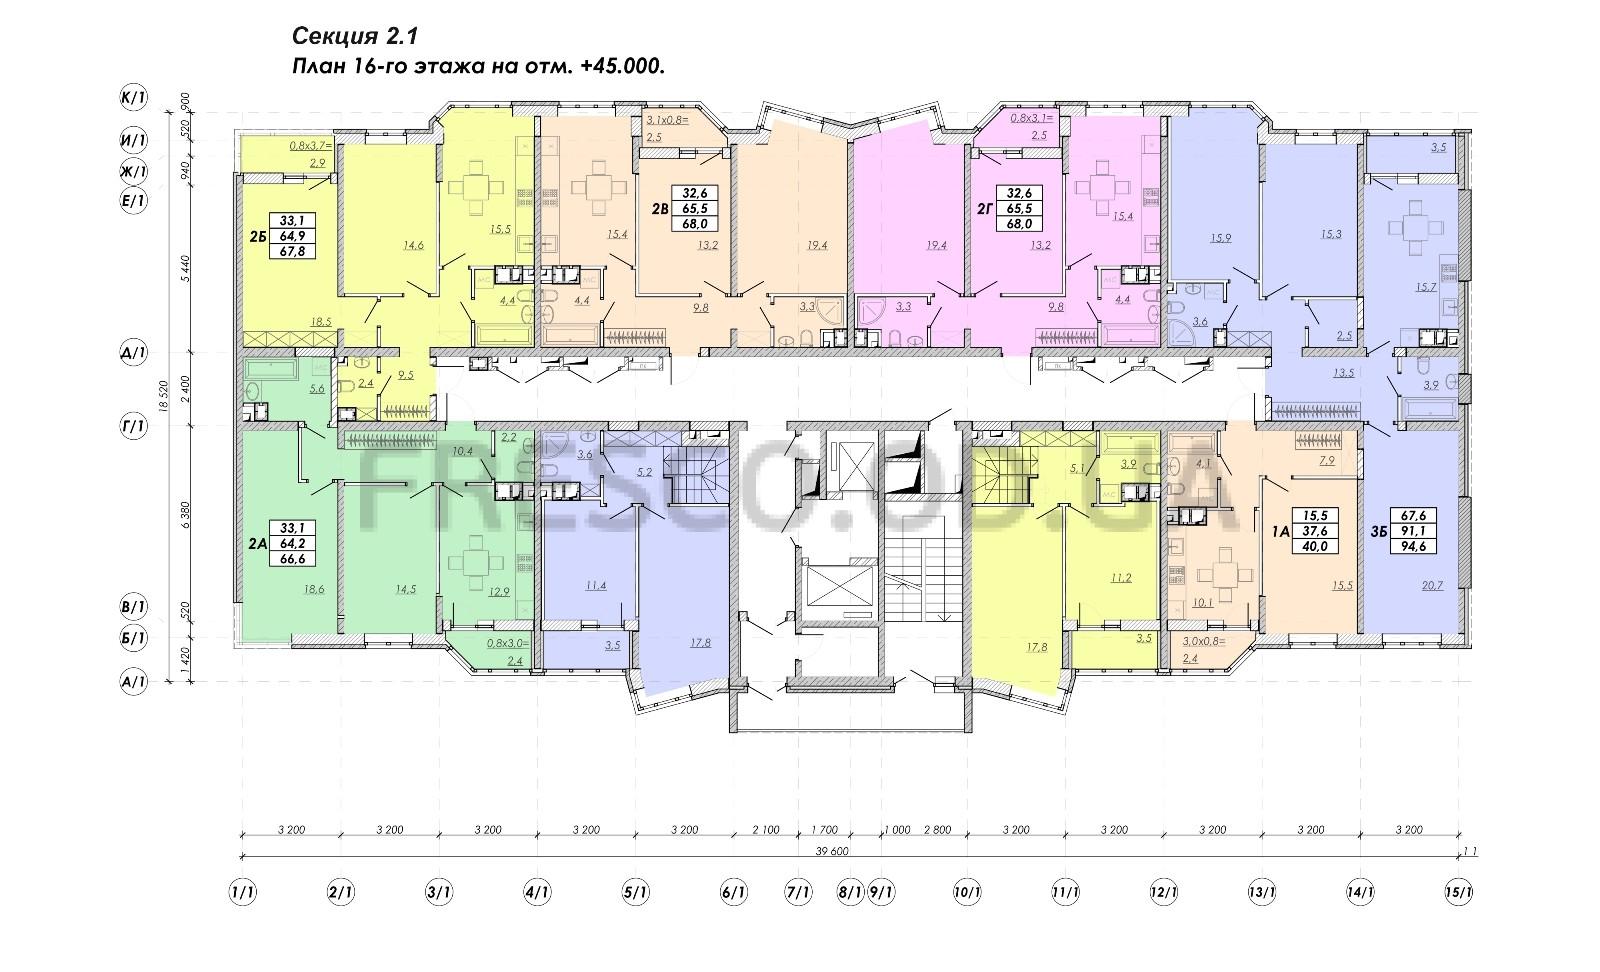 ЖК Прохоровский квартал секция 2.1 план 16 этажа